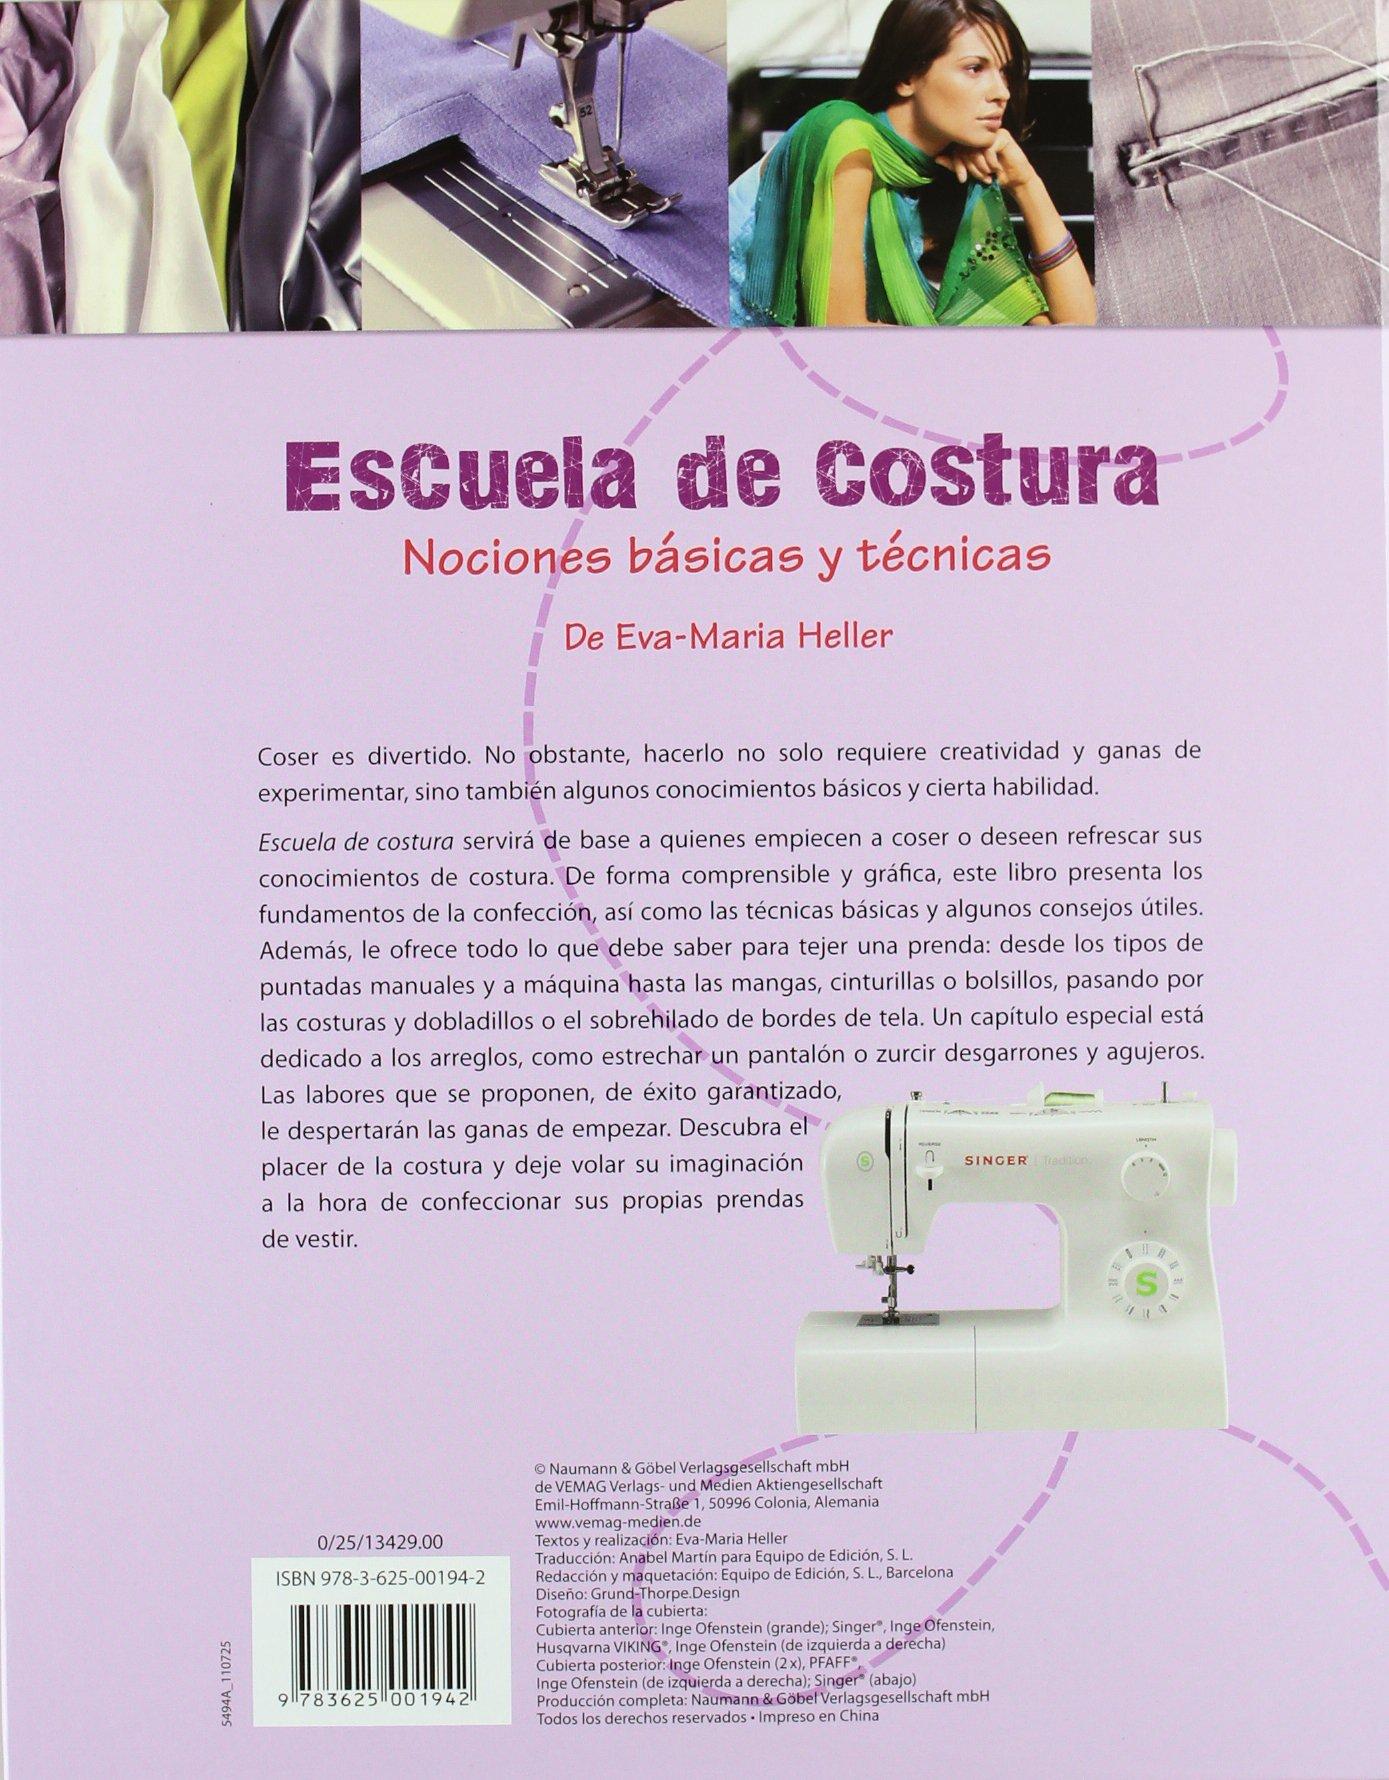 Escuela De Costura - Nociones Básicas Y Técnicas: Amazon.es: VV.AA ...